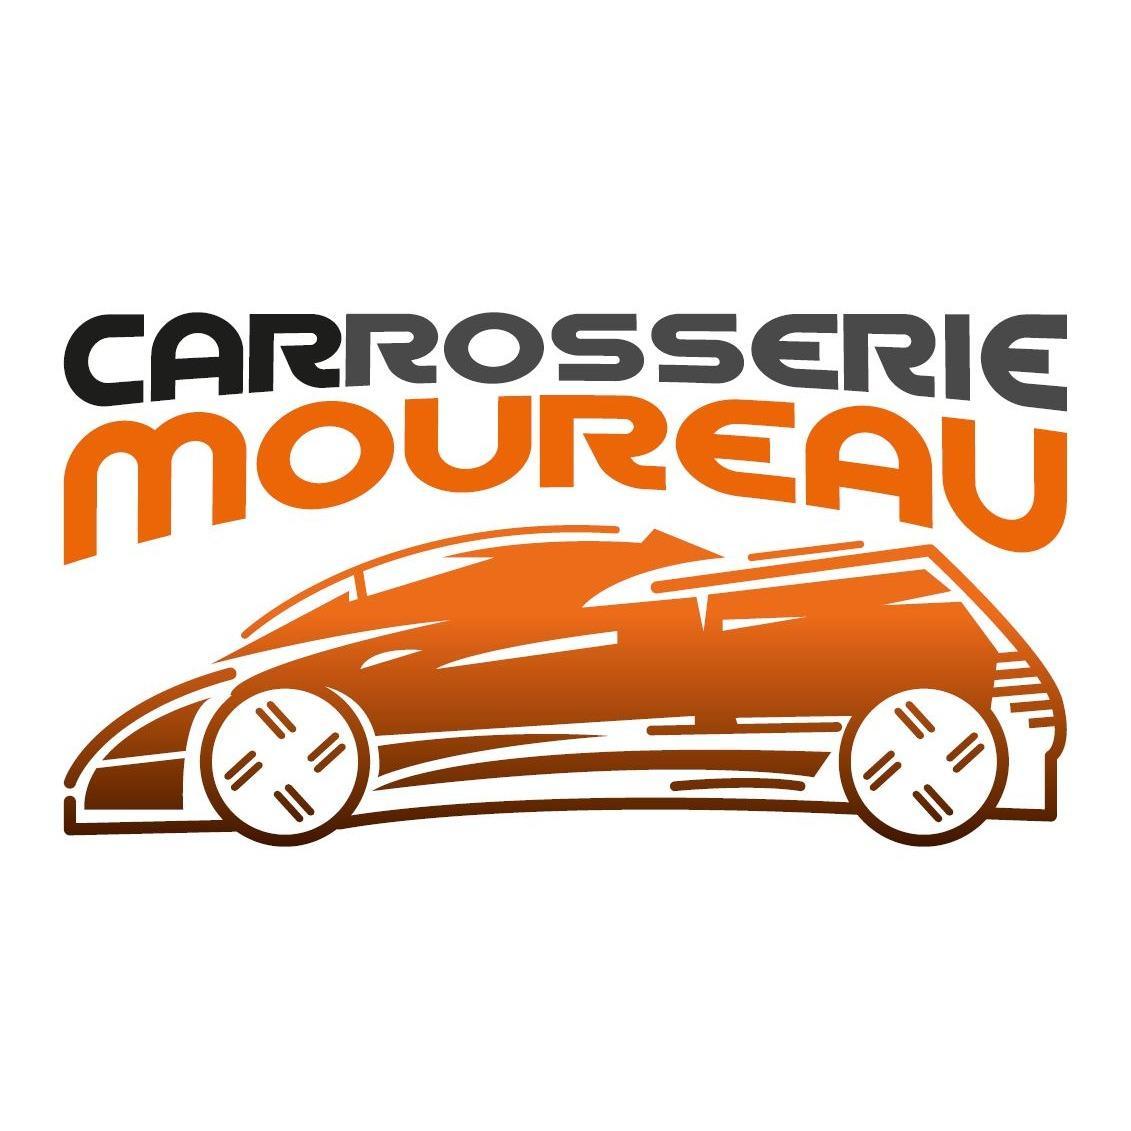 Carrosserie Moureau Freddy